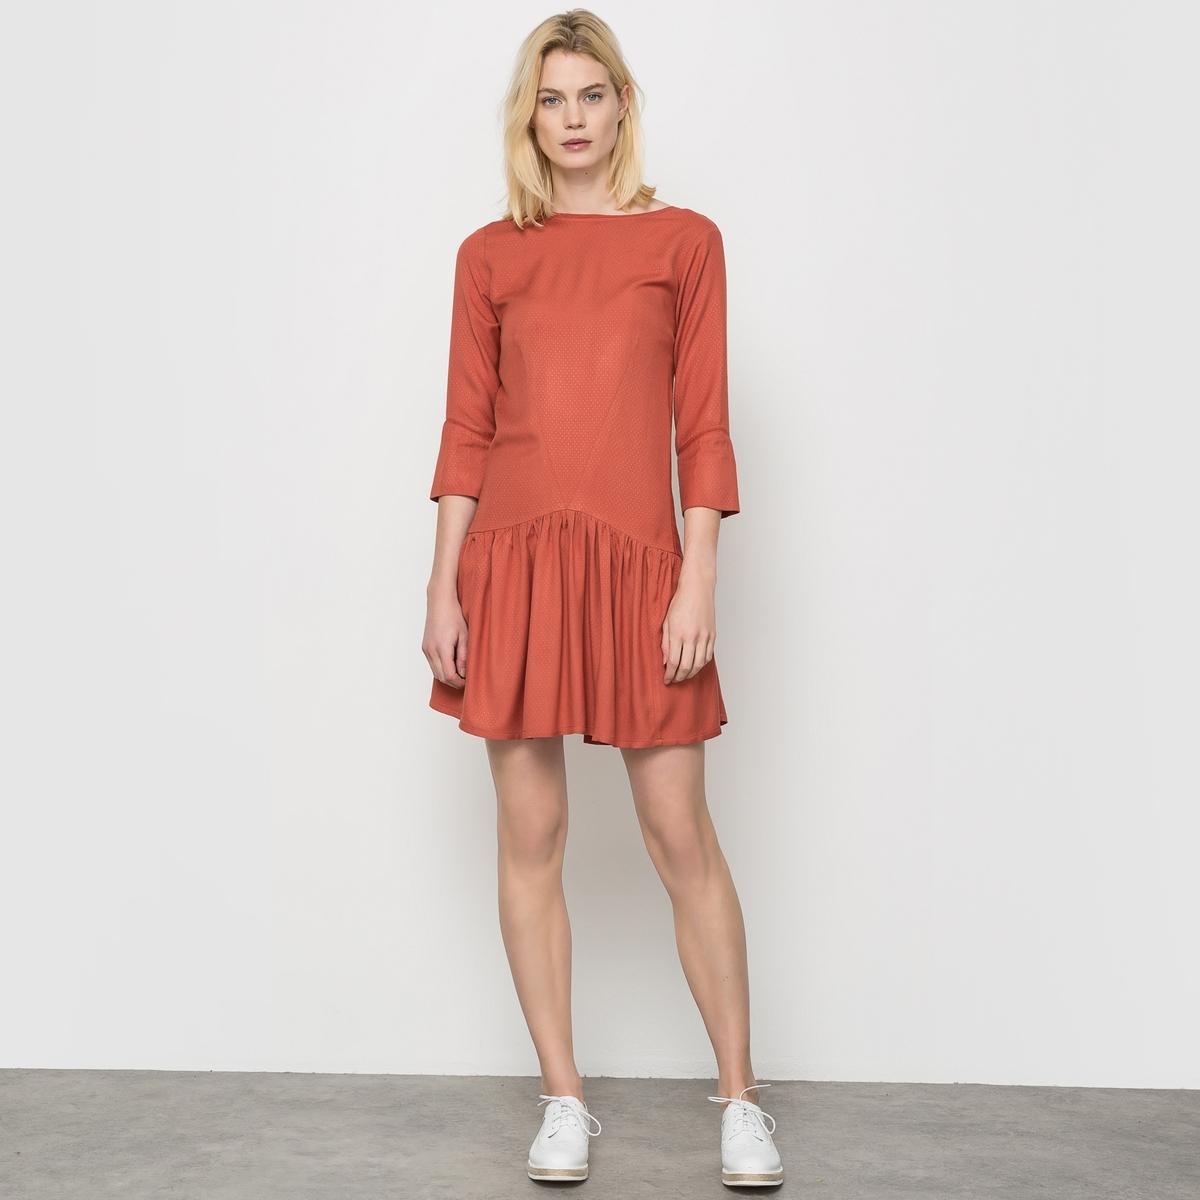 Платье с рукавами 3/4 и V-образным вырезом сзадиПлатье 100% вискоза. Вырез-лодочка. Длинные рукава. Глубокий V-образный вырез сзади. Заниженная талия. Кружевные узоры. Длина 90 см.<br><br>Цвет: розовый